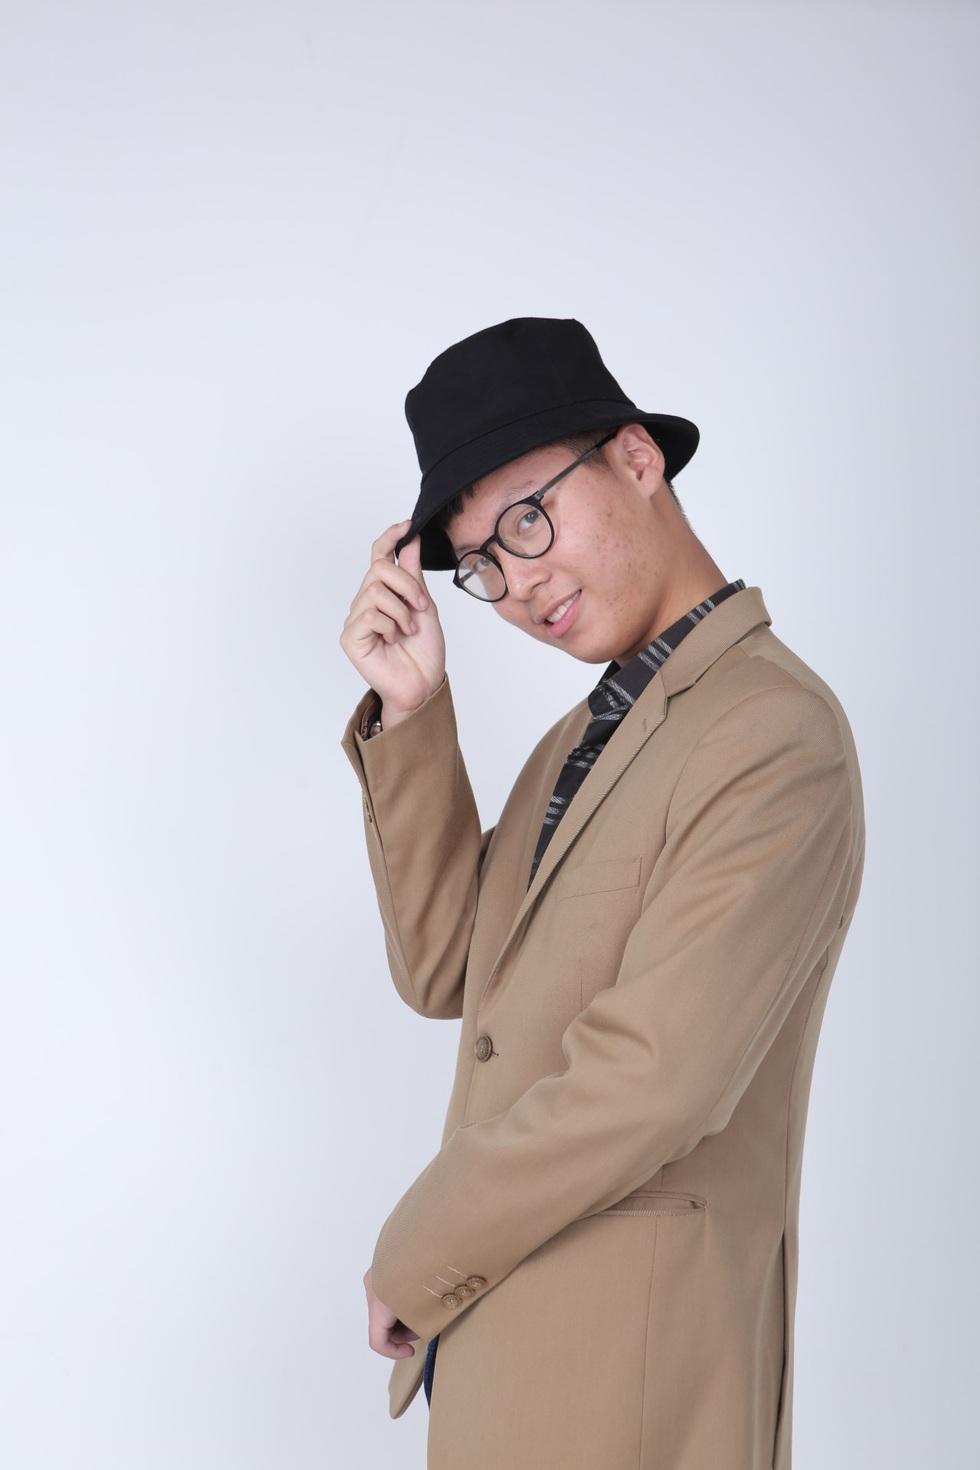 Kỷ lục gia Olympia Nguyễn Thiện Hải An: Kỷ lục sinh ra là để phá - 5